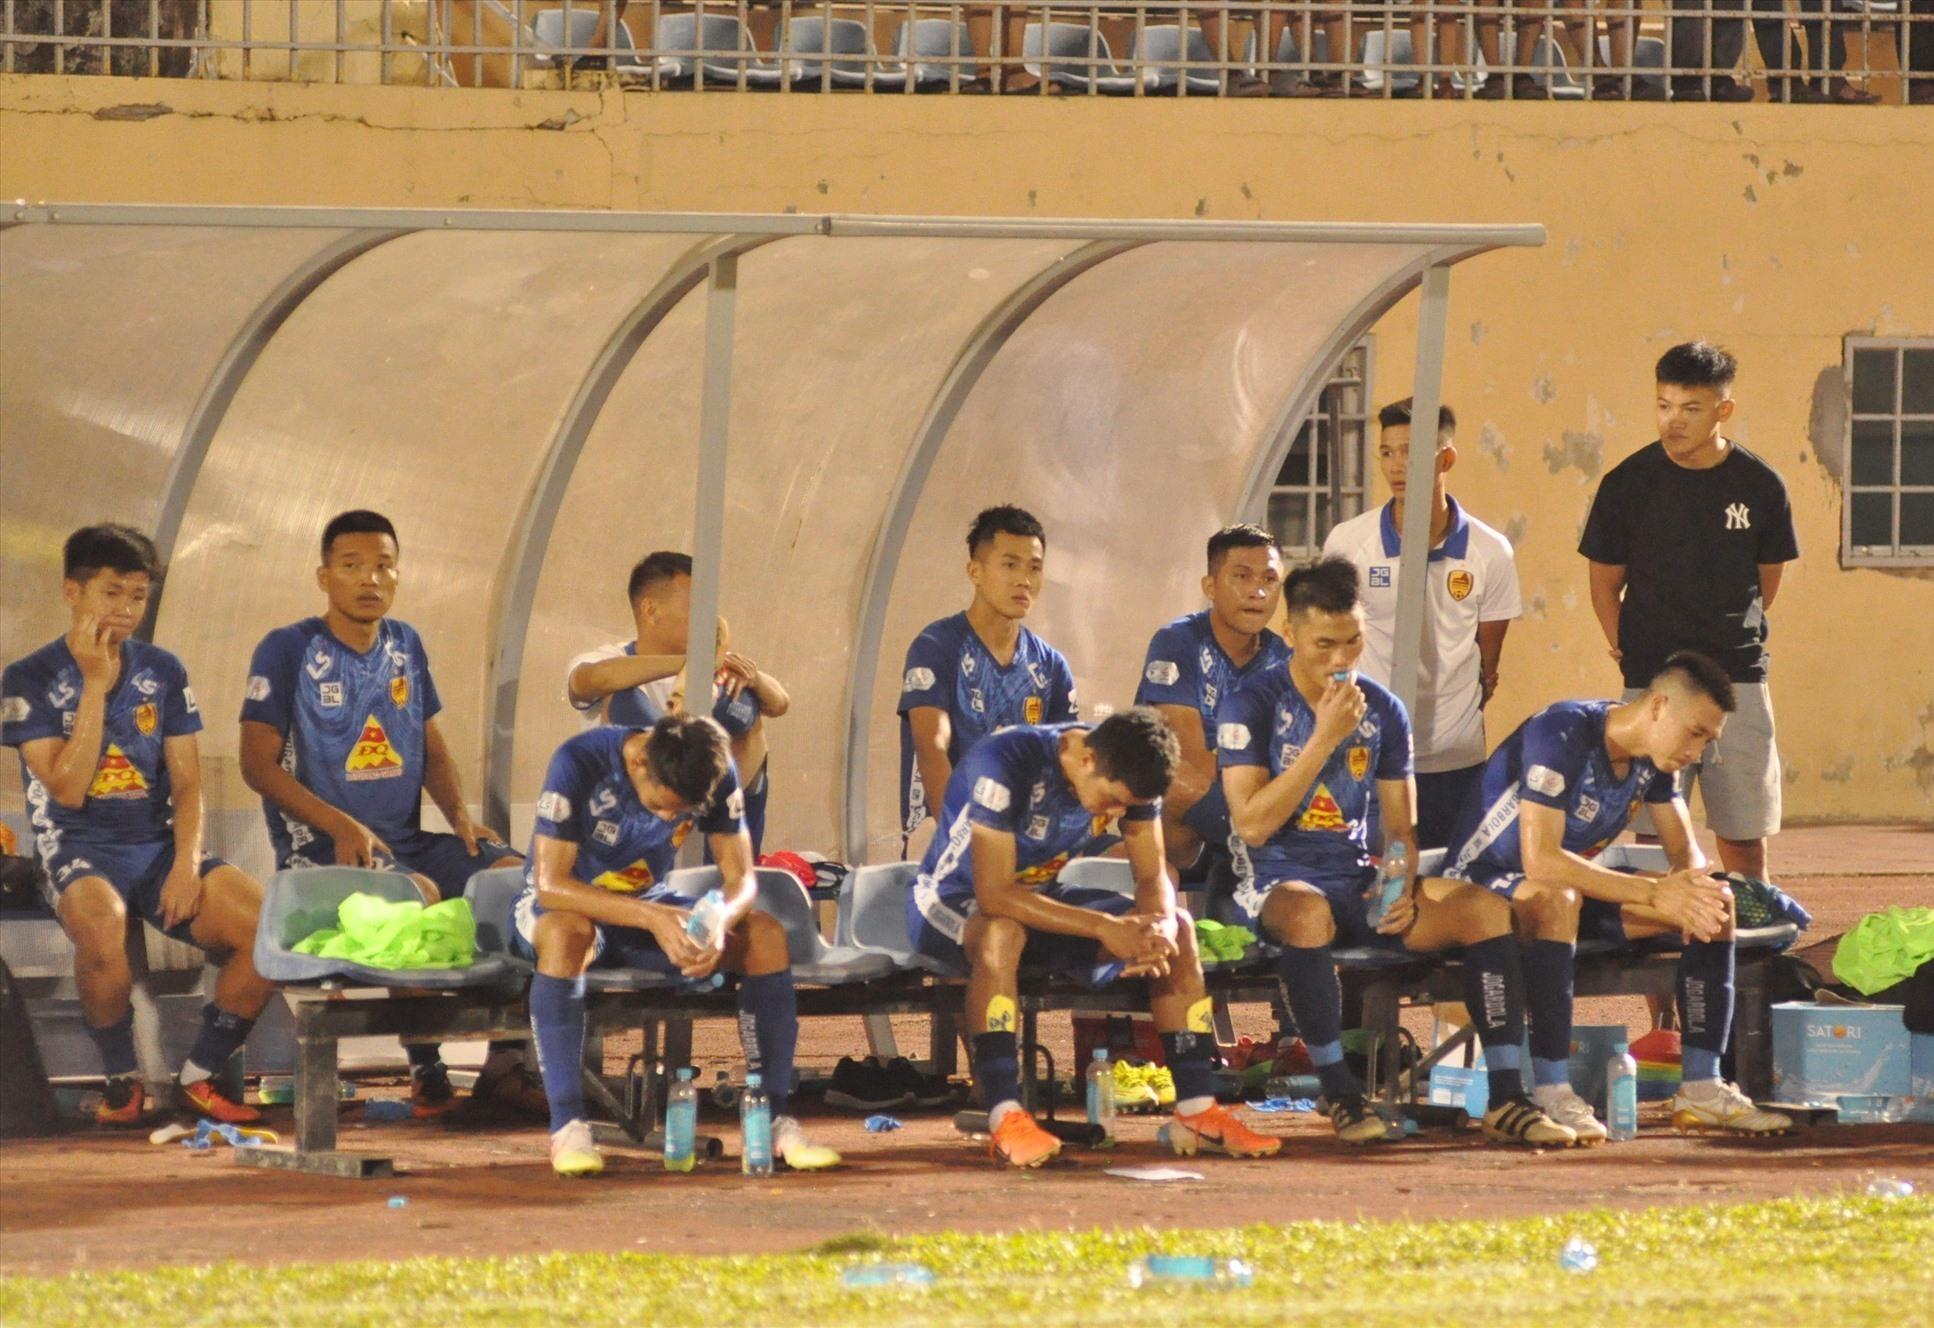 Các cầu thủ Quảng Nam bất động ở khu kỹ thuật khá lâu sau khi trận đấu kết thúc. Ảnh: T.v